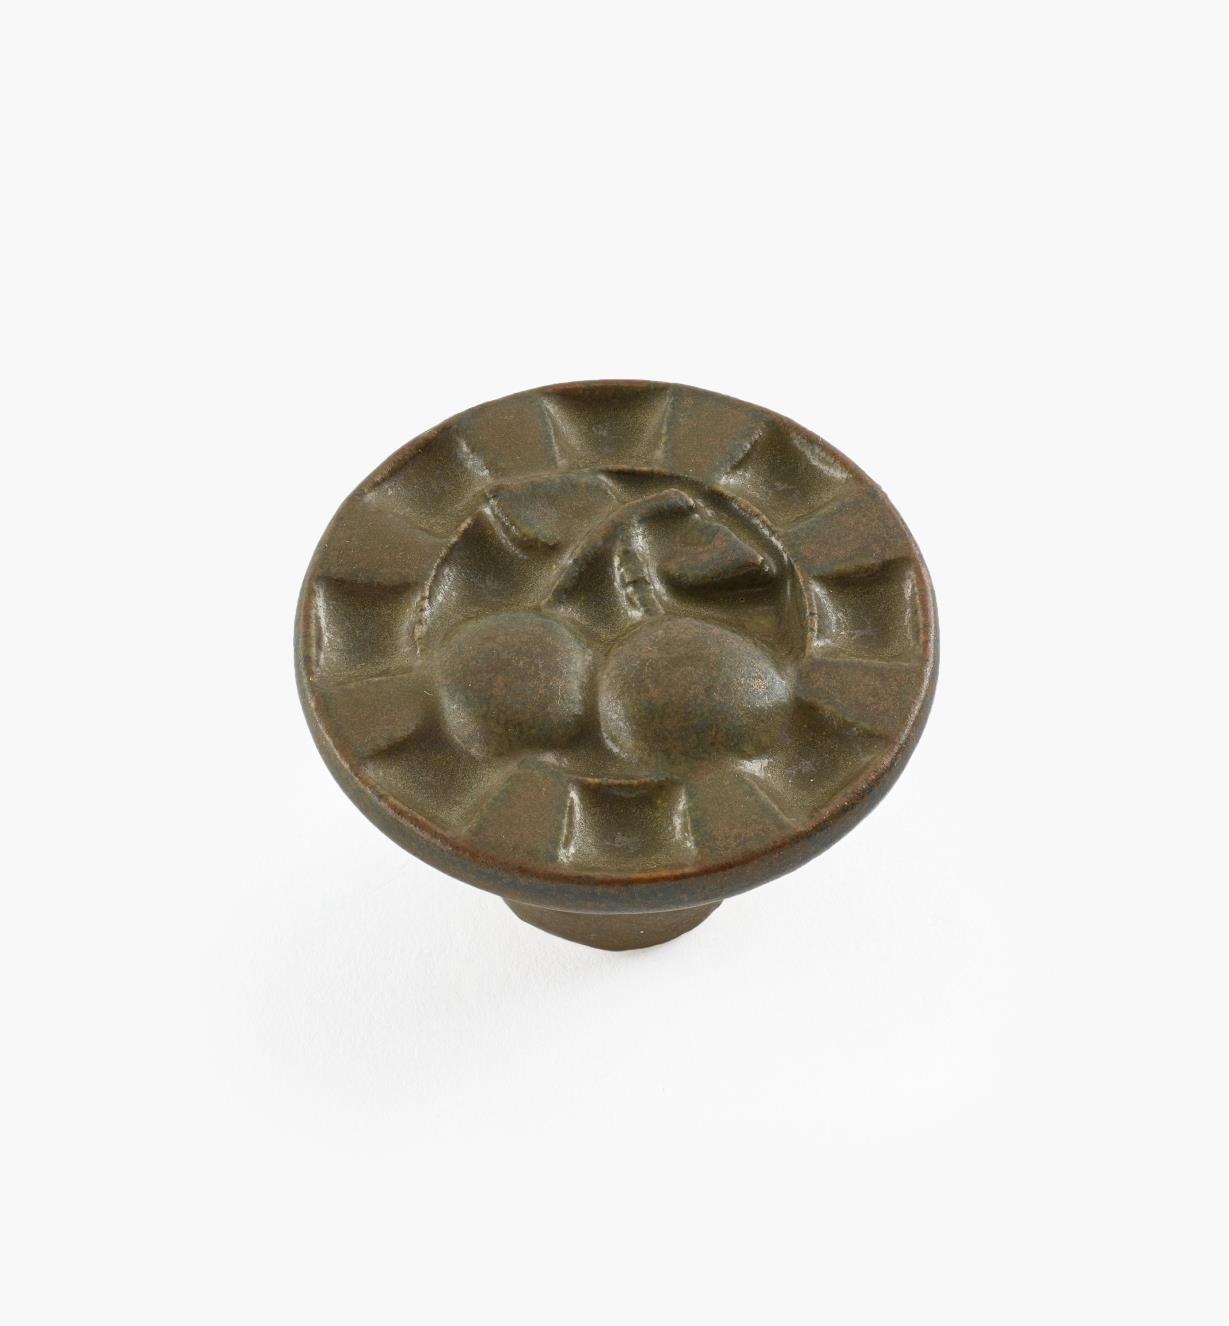 02W1632 - Bouton rond en céramique, brun foncé, 1 1/2 po x 1 po